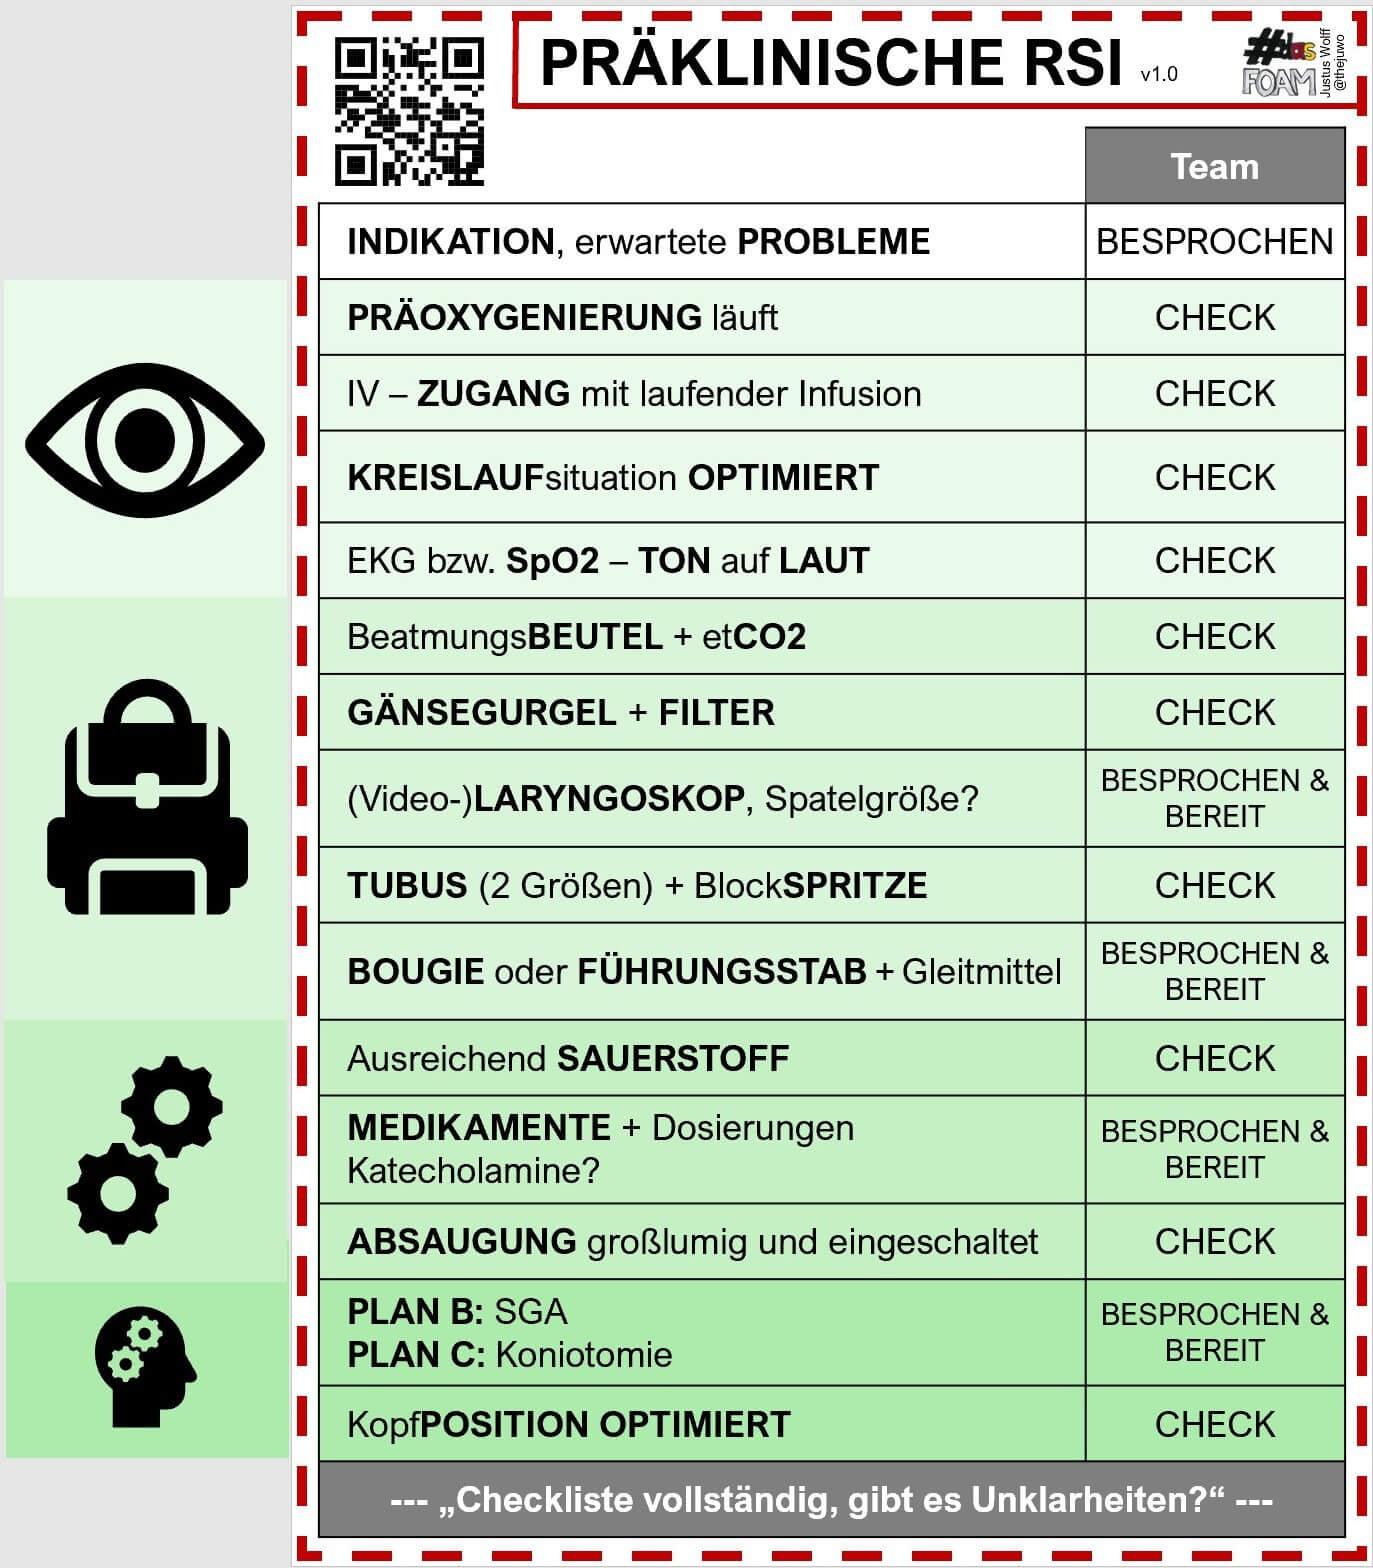 abschnitte_piktogramme_rsi_checkliste_original.jpg